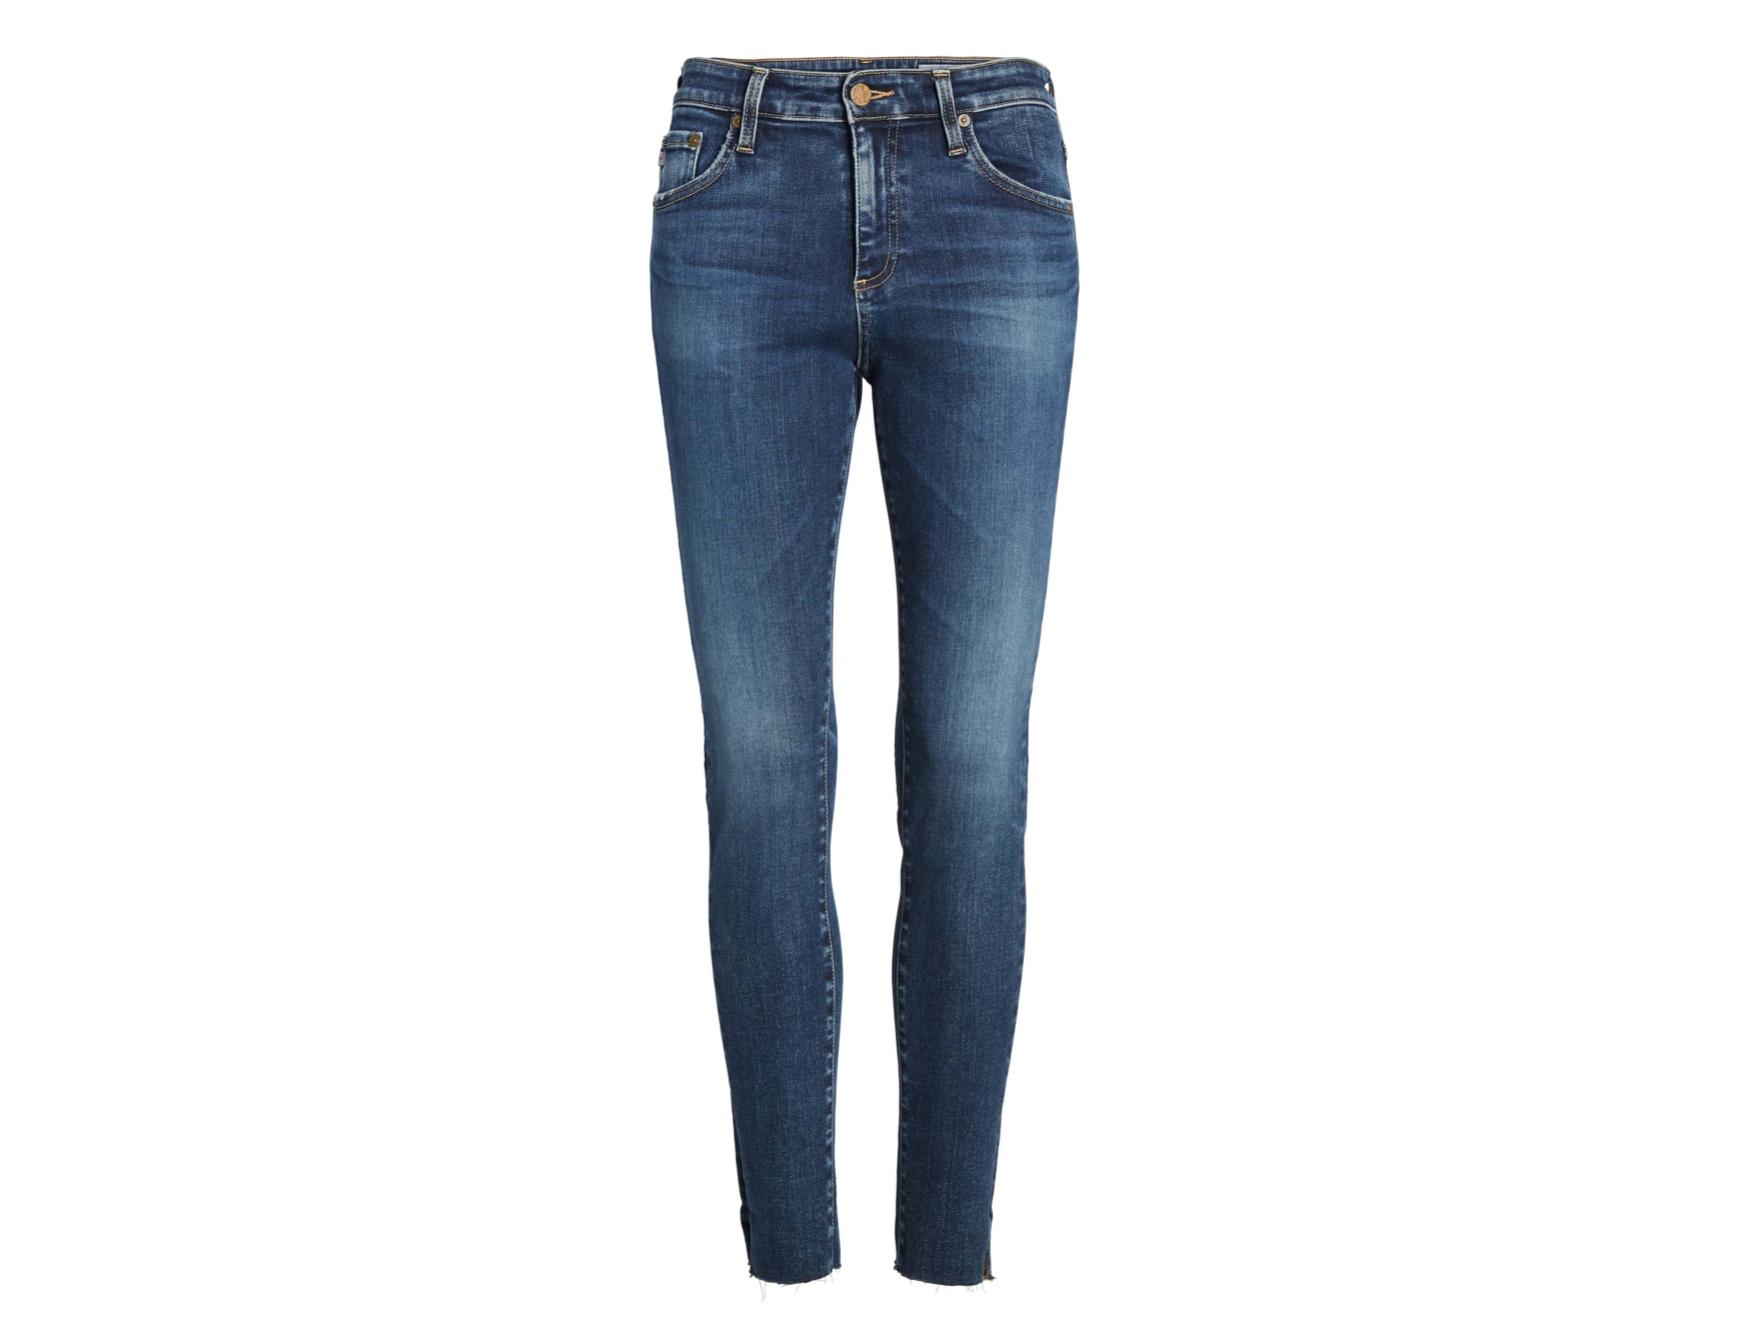 ag+farrah+skinny+jeans.jpg